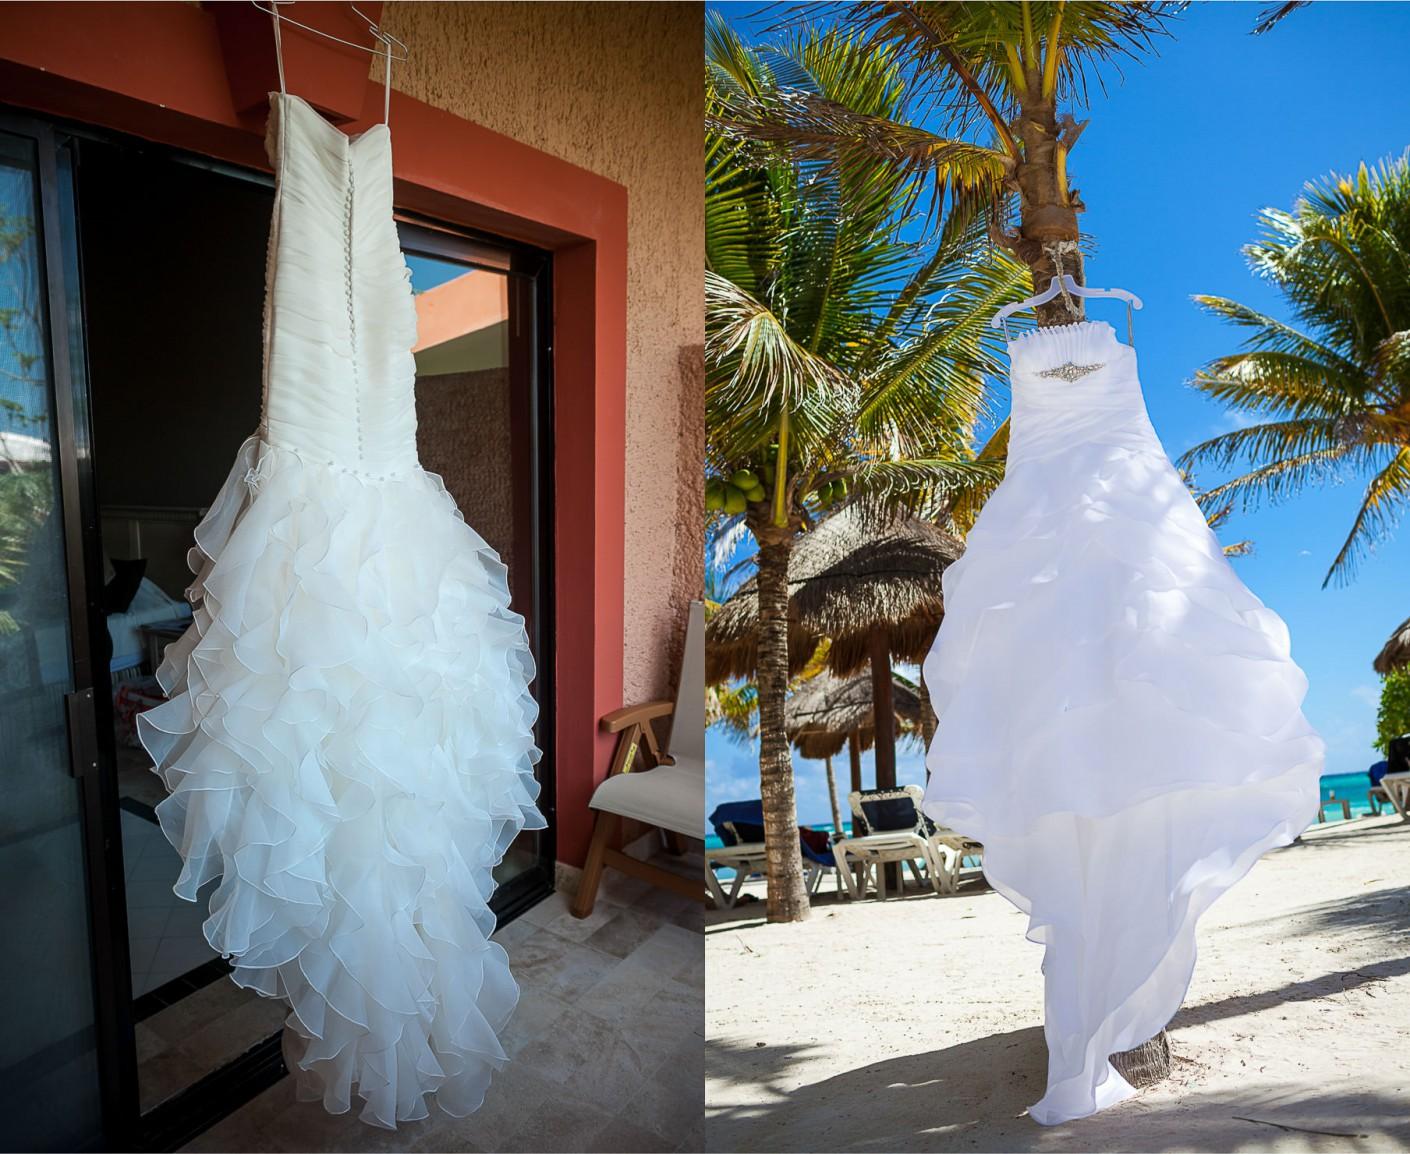 Mariage Destination : Robes au vent du sud -, KW: Mexique